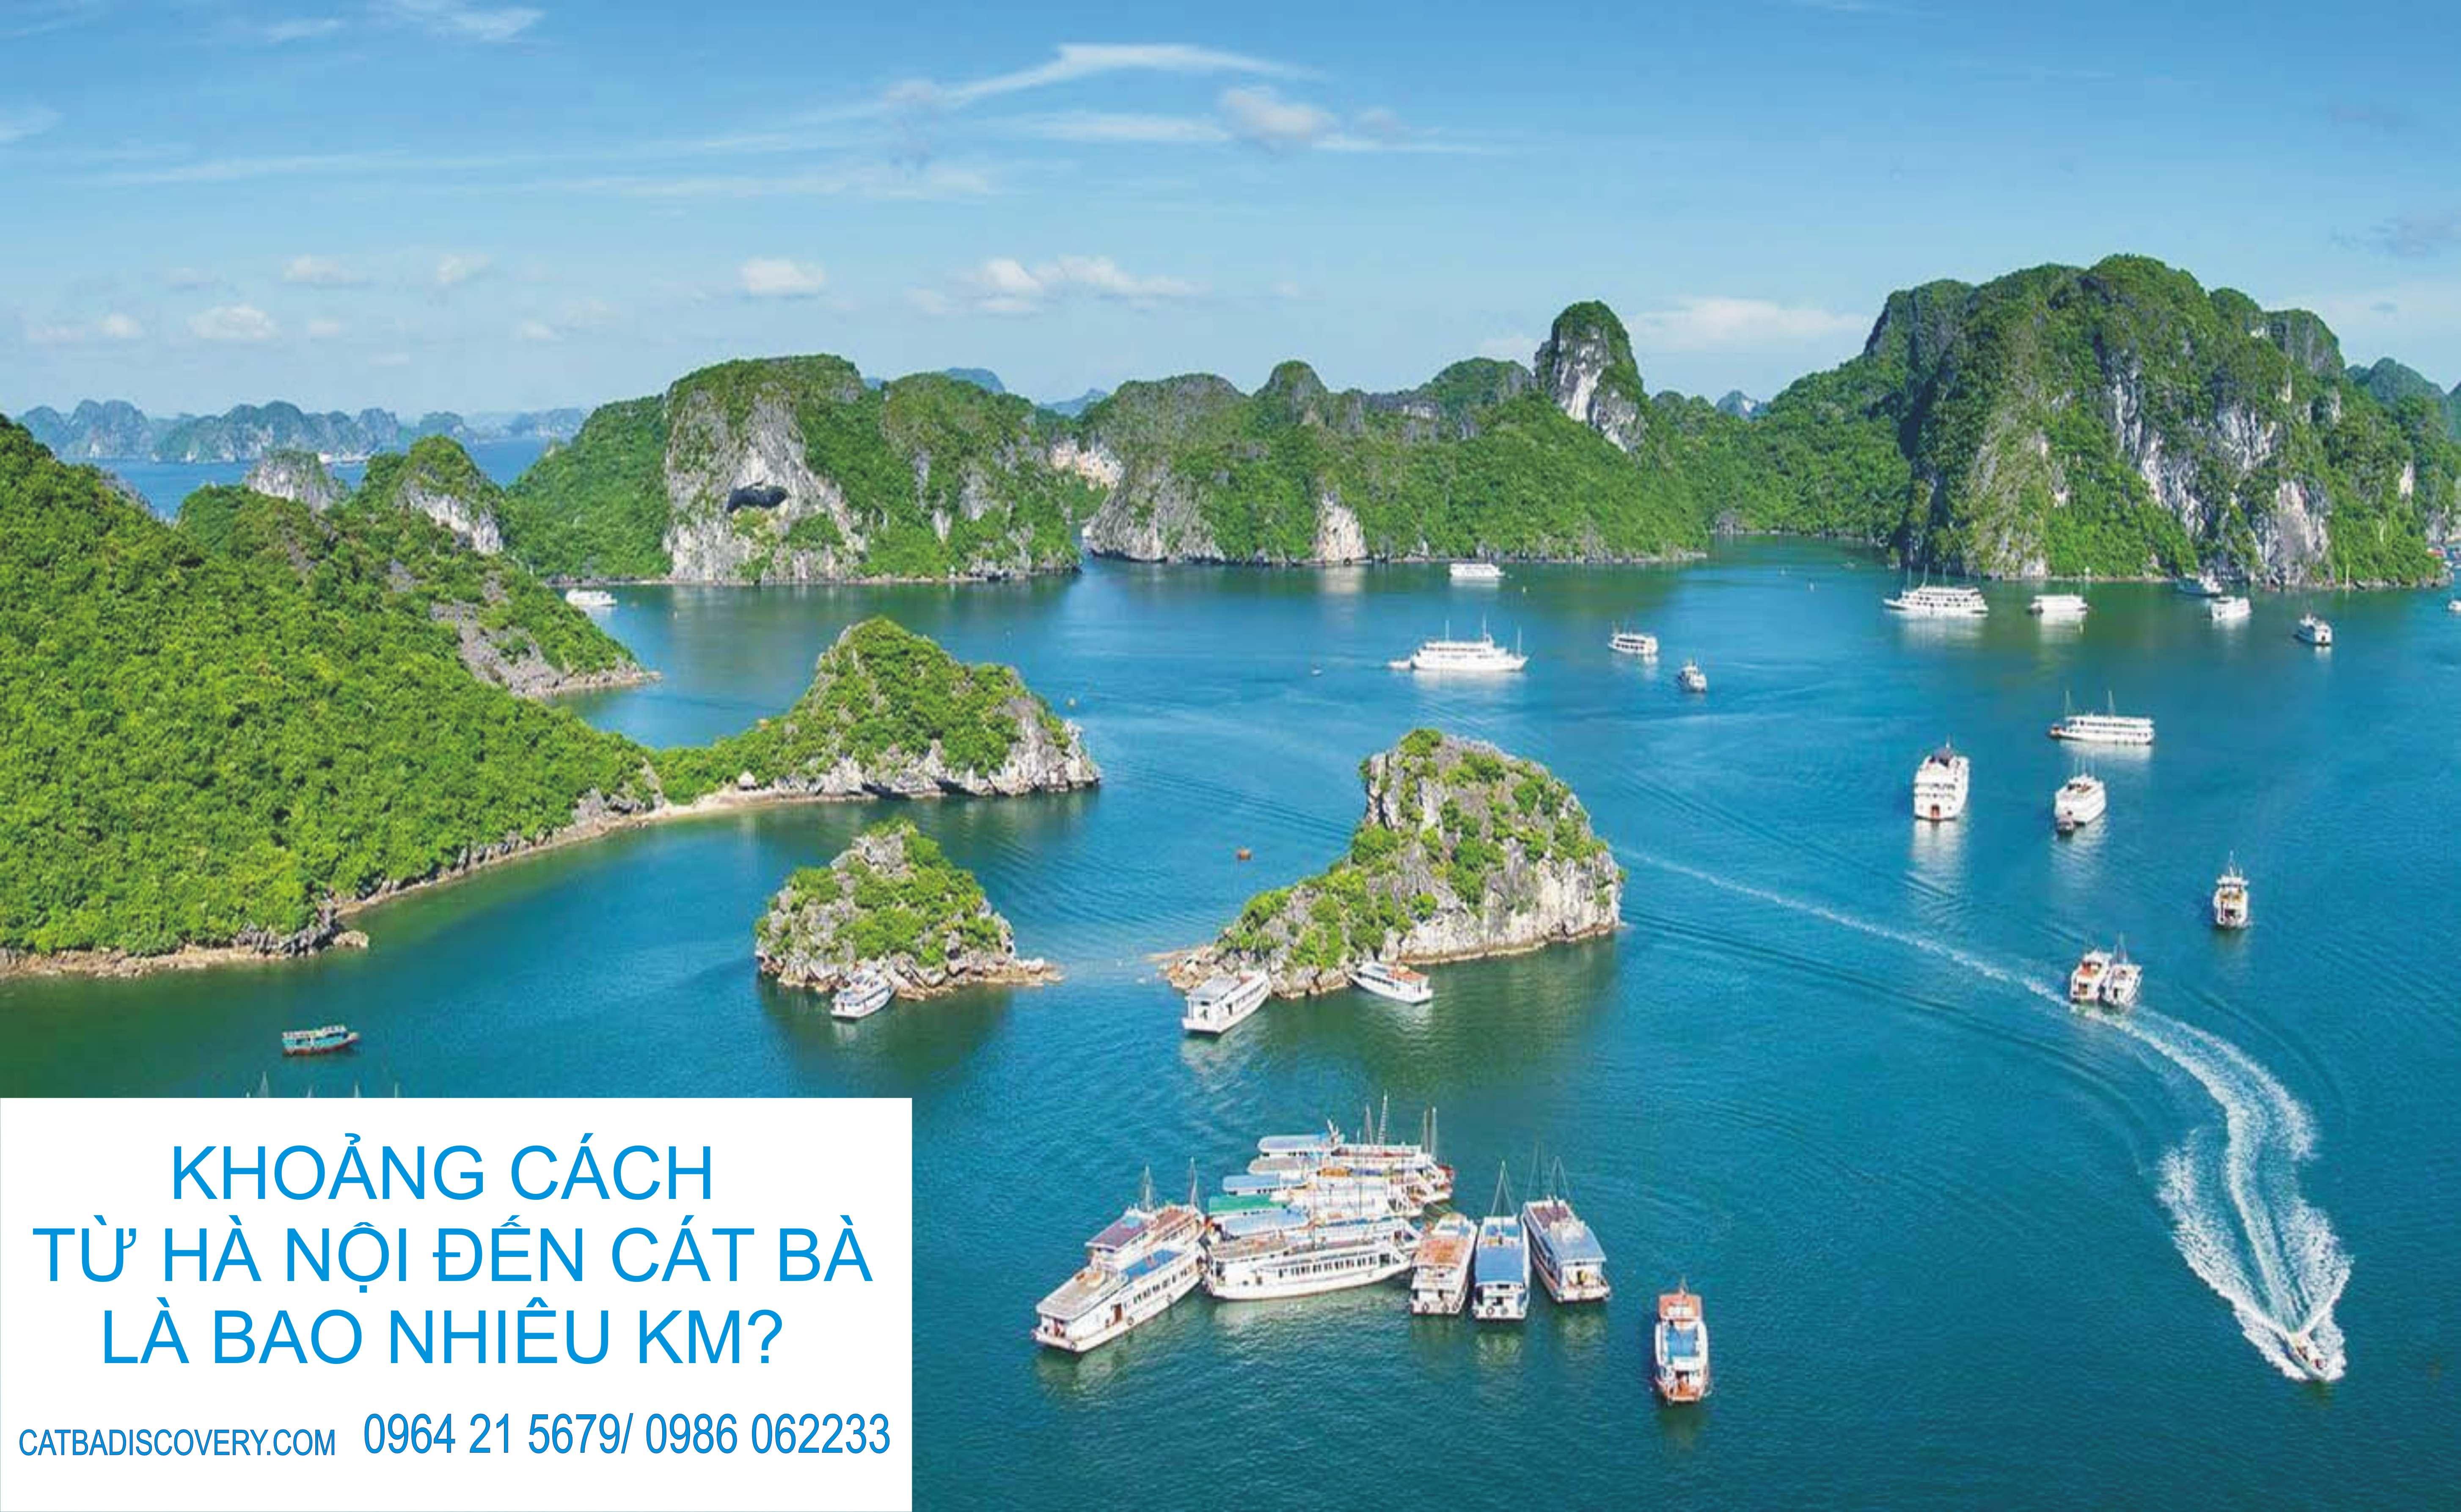 Khoảng cách từ Hà Nội đến Cát Bà thực tế là bao nhiêu km?